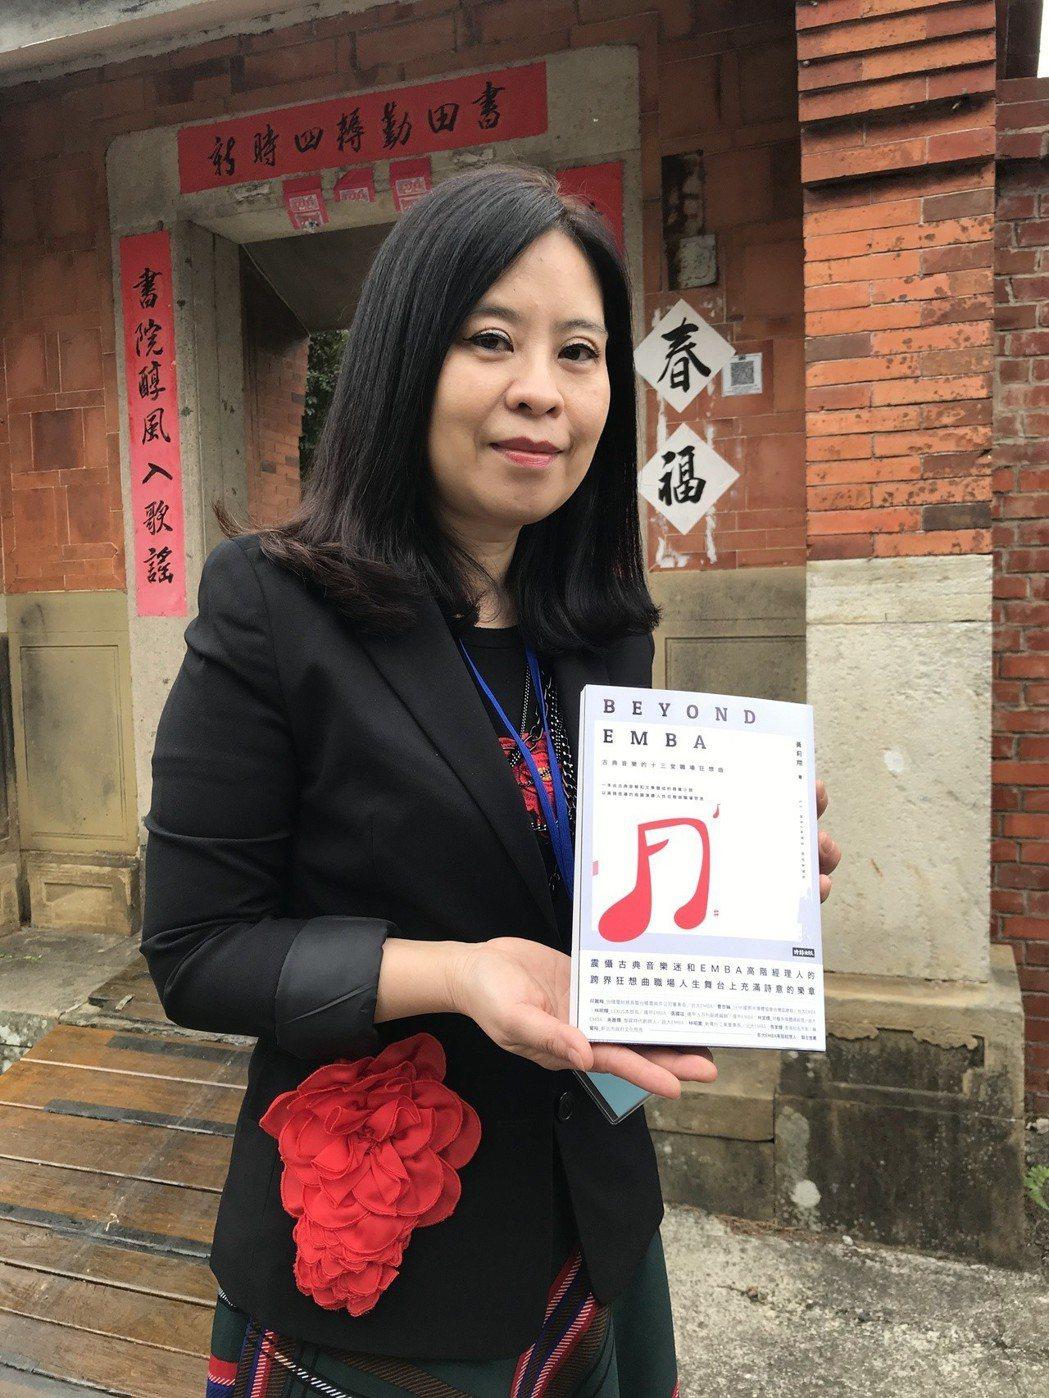 黃莉翔今(12)日舉辦《Beyond EMBA古典音樂的13堂職場狂想曲》新書發...